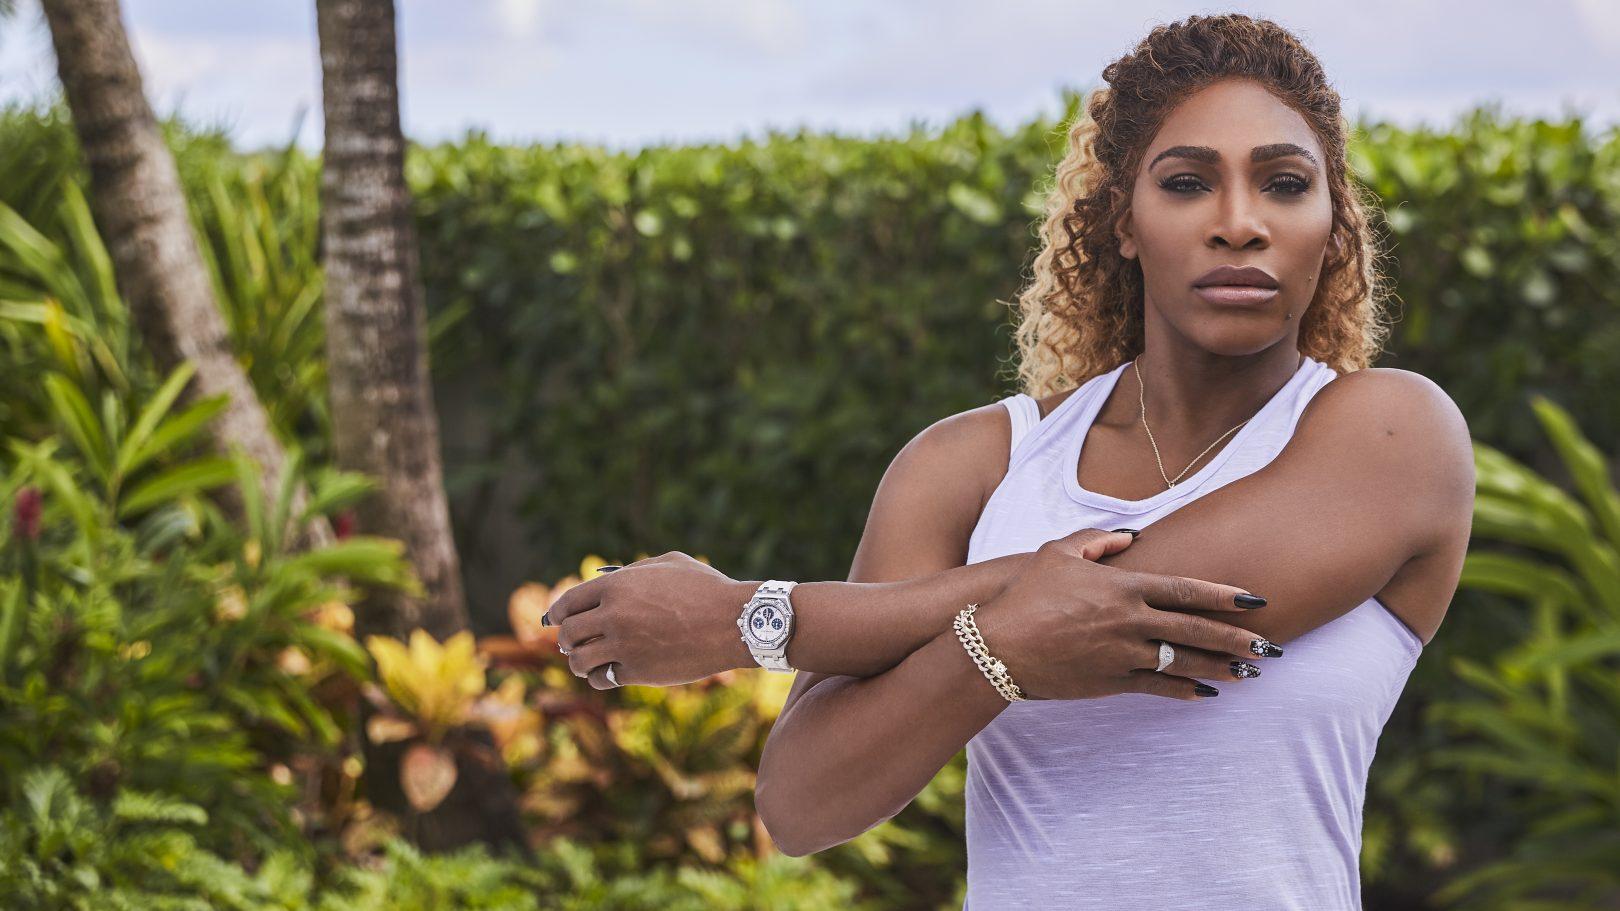 Serena Williams' new Amazon store